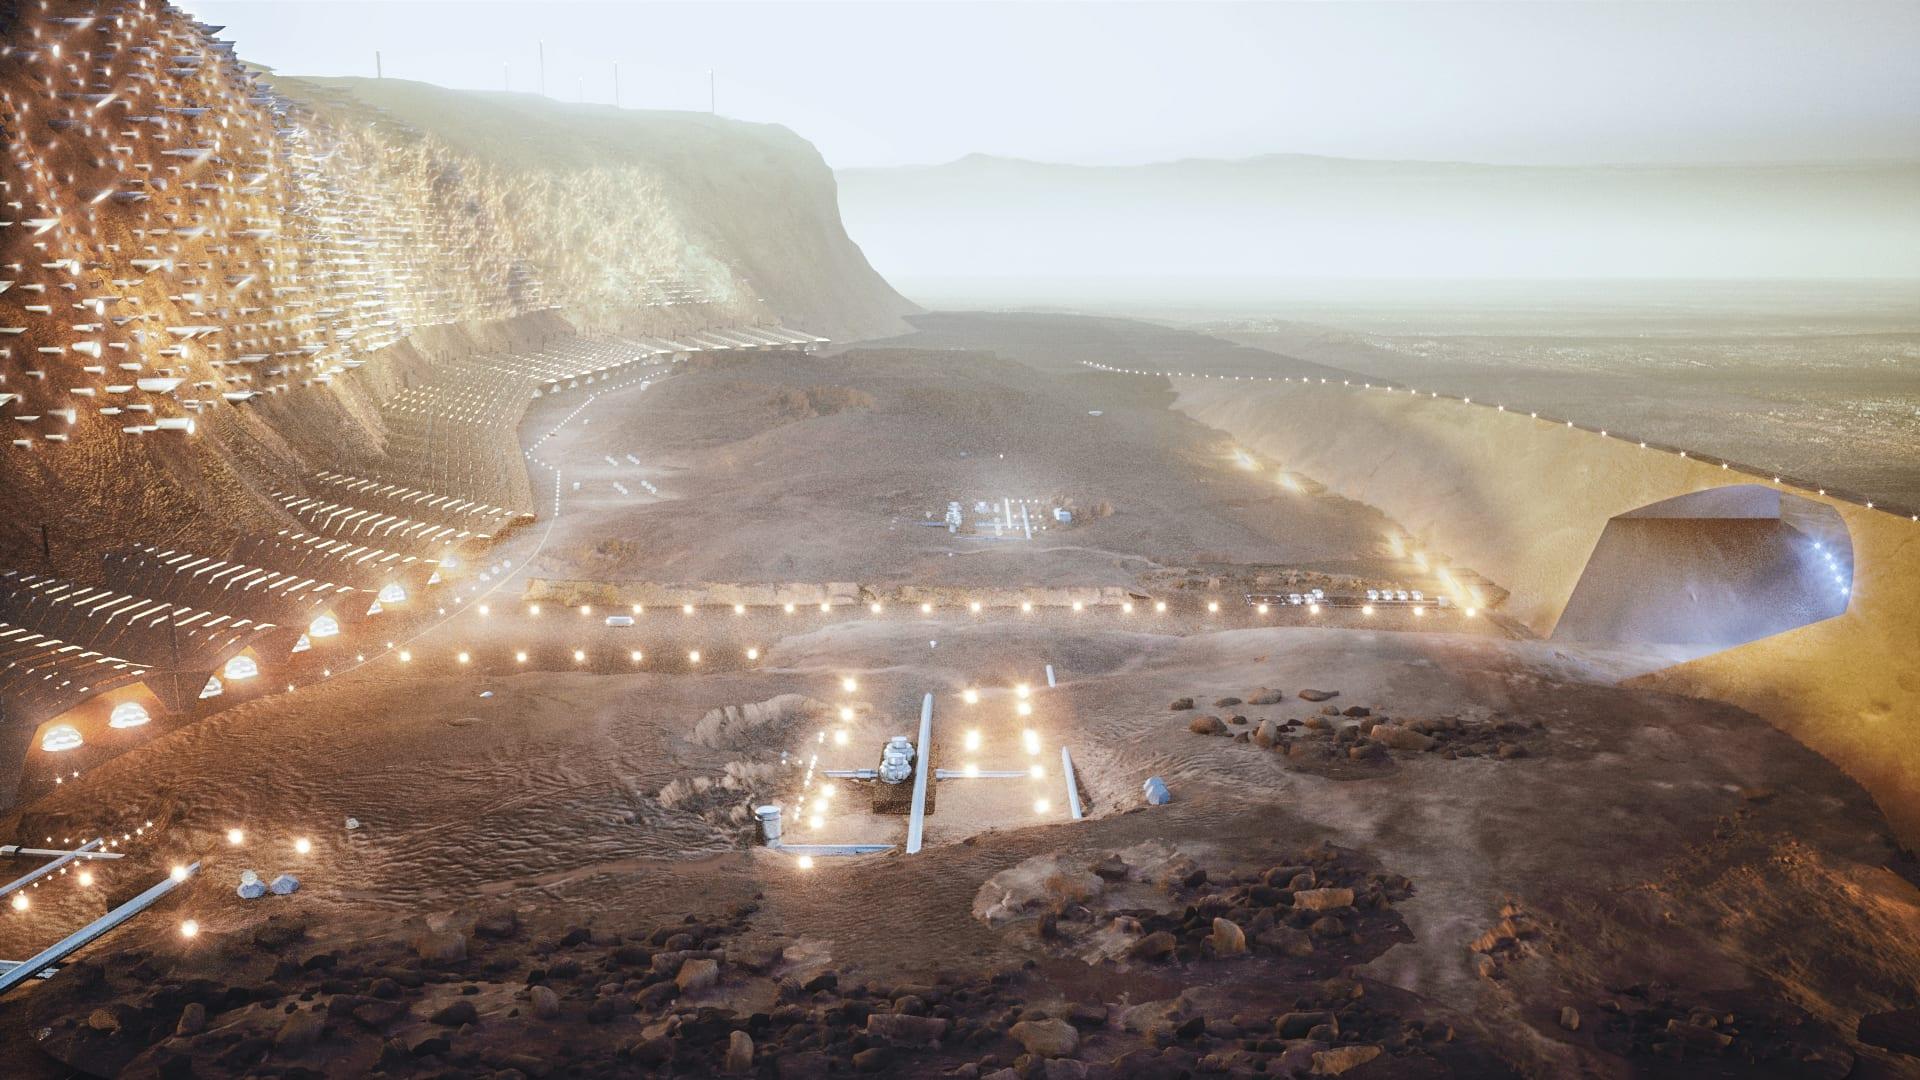 الكشف عن تصميم لأول مدينة مستدامة على سطح المريخ..كيف ستبدو؟